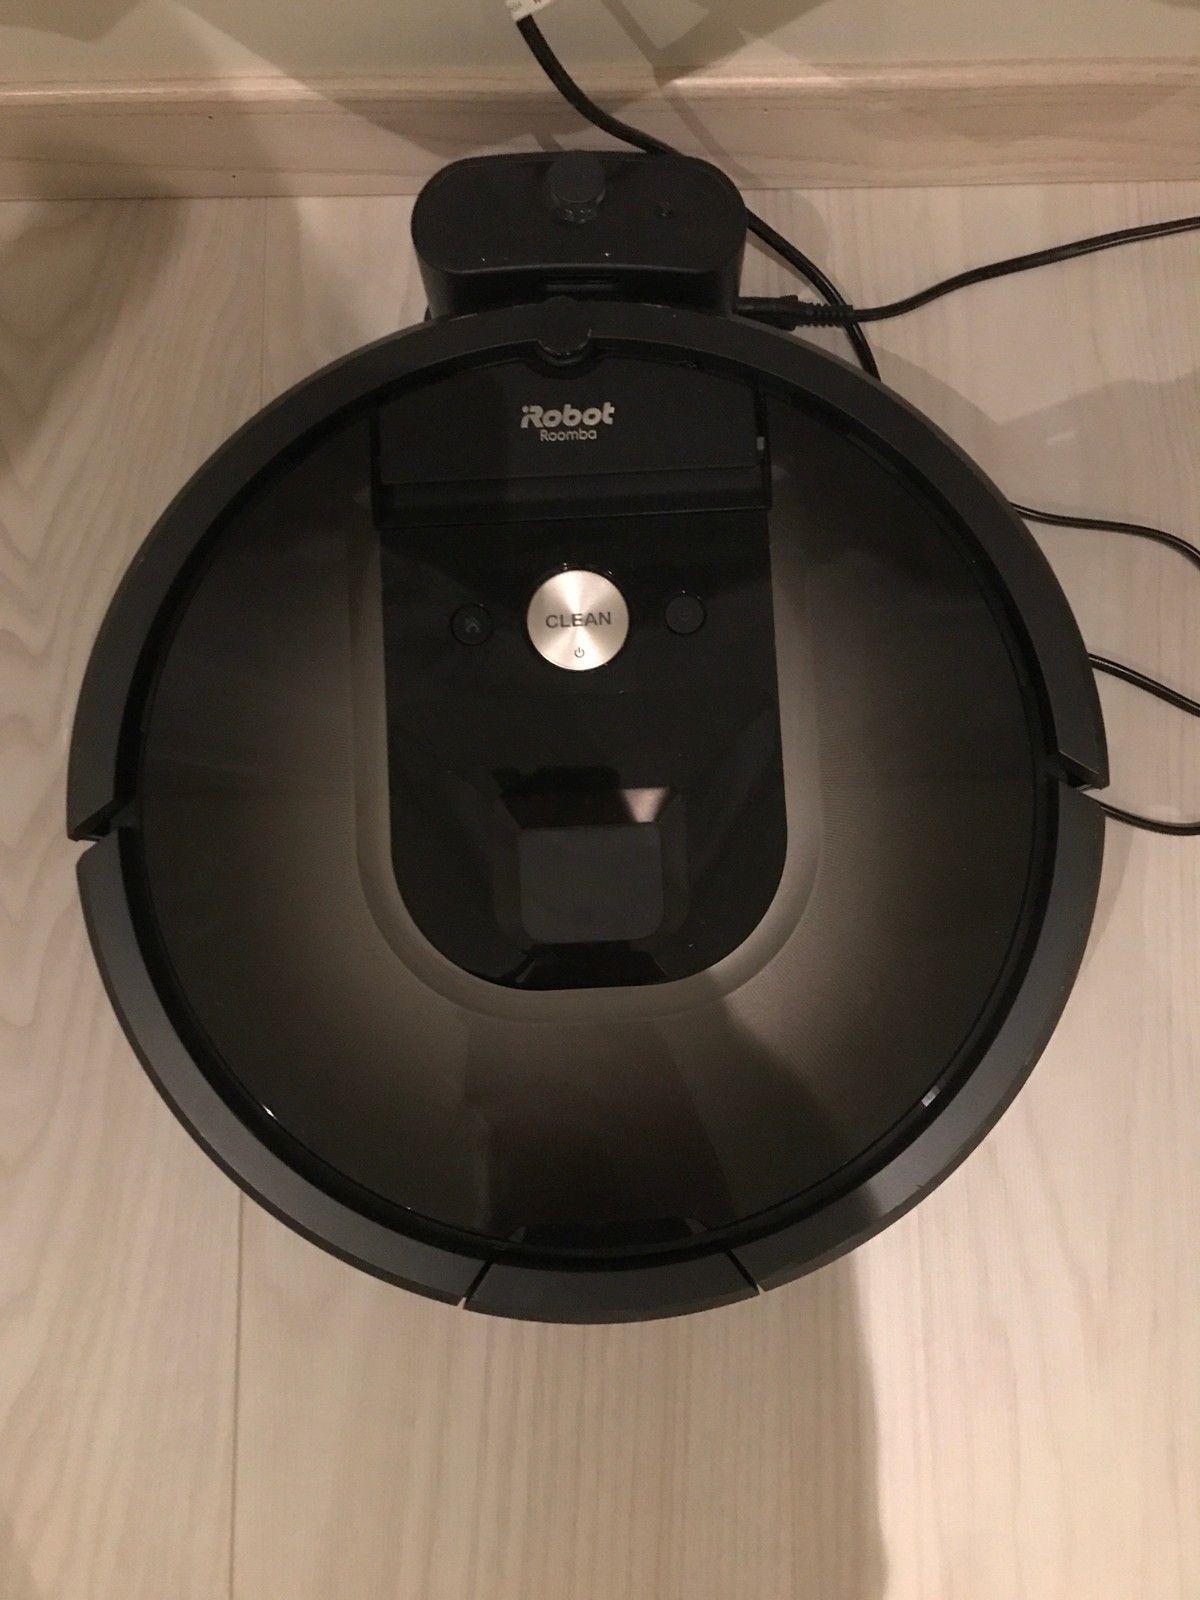 IRobot Roomba 980 støvsuger! Best i test! Så god som ny! - Elnesvågen  - Kjøpt ny i mai 2017 på Elkjøp for kr. 9740. Har kvittering. Tatt i bruk juni 2017. Veldig lite brukt så den er så god som ny. Selges for kr. 6700 eller hbo.   Denne har wifi og kan styres med app på telefonen. Originalemballasje og br - Elnesvågen